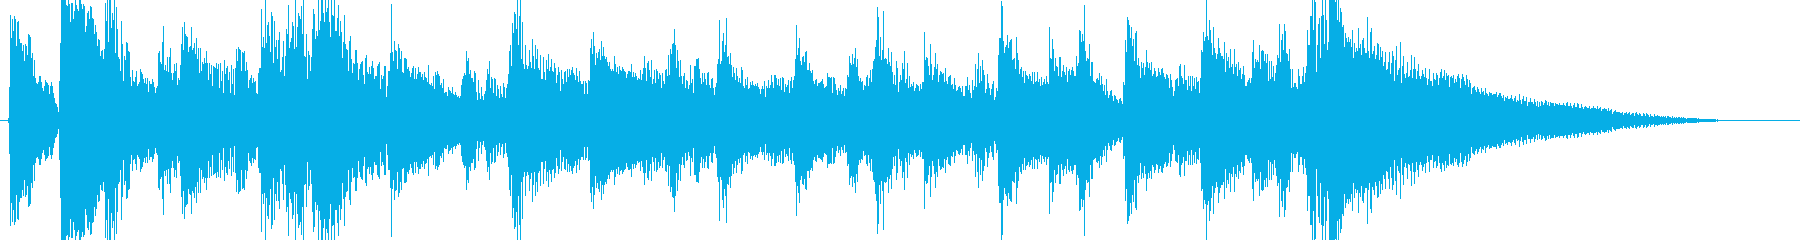 短いのん、マイナーフォークのんの再生済みの波形